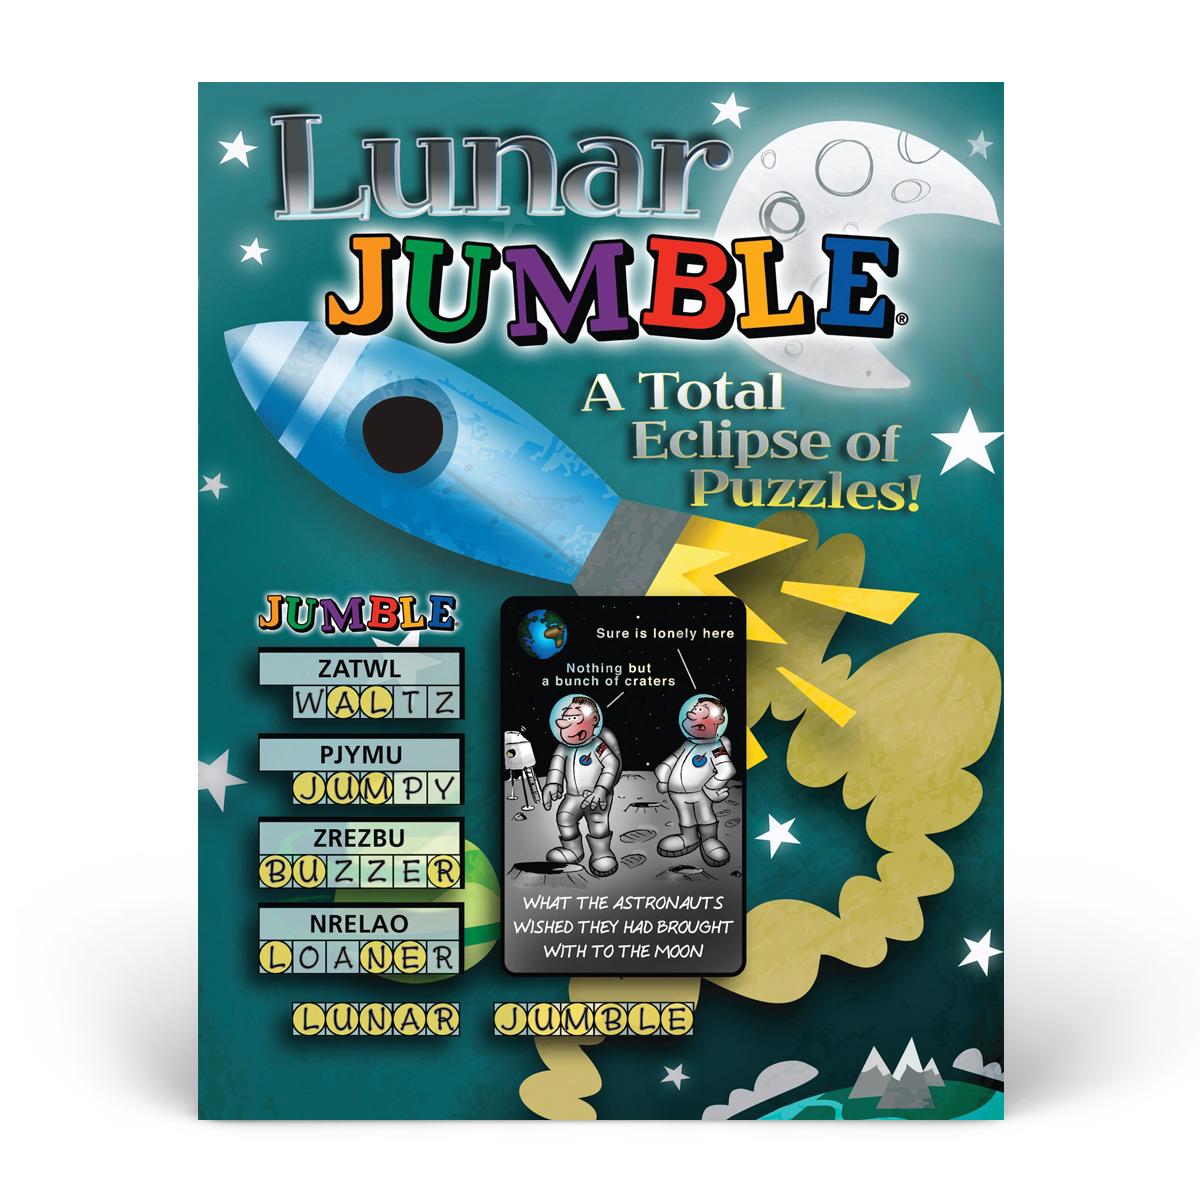 Lunar Jumble!